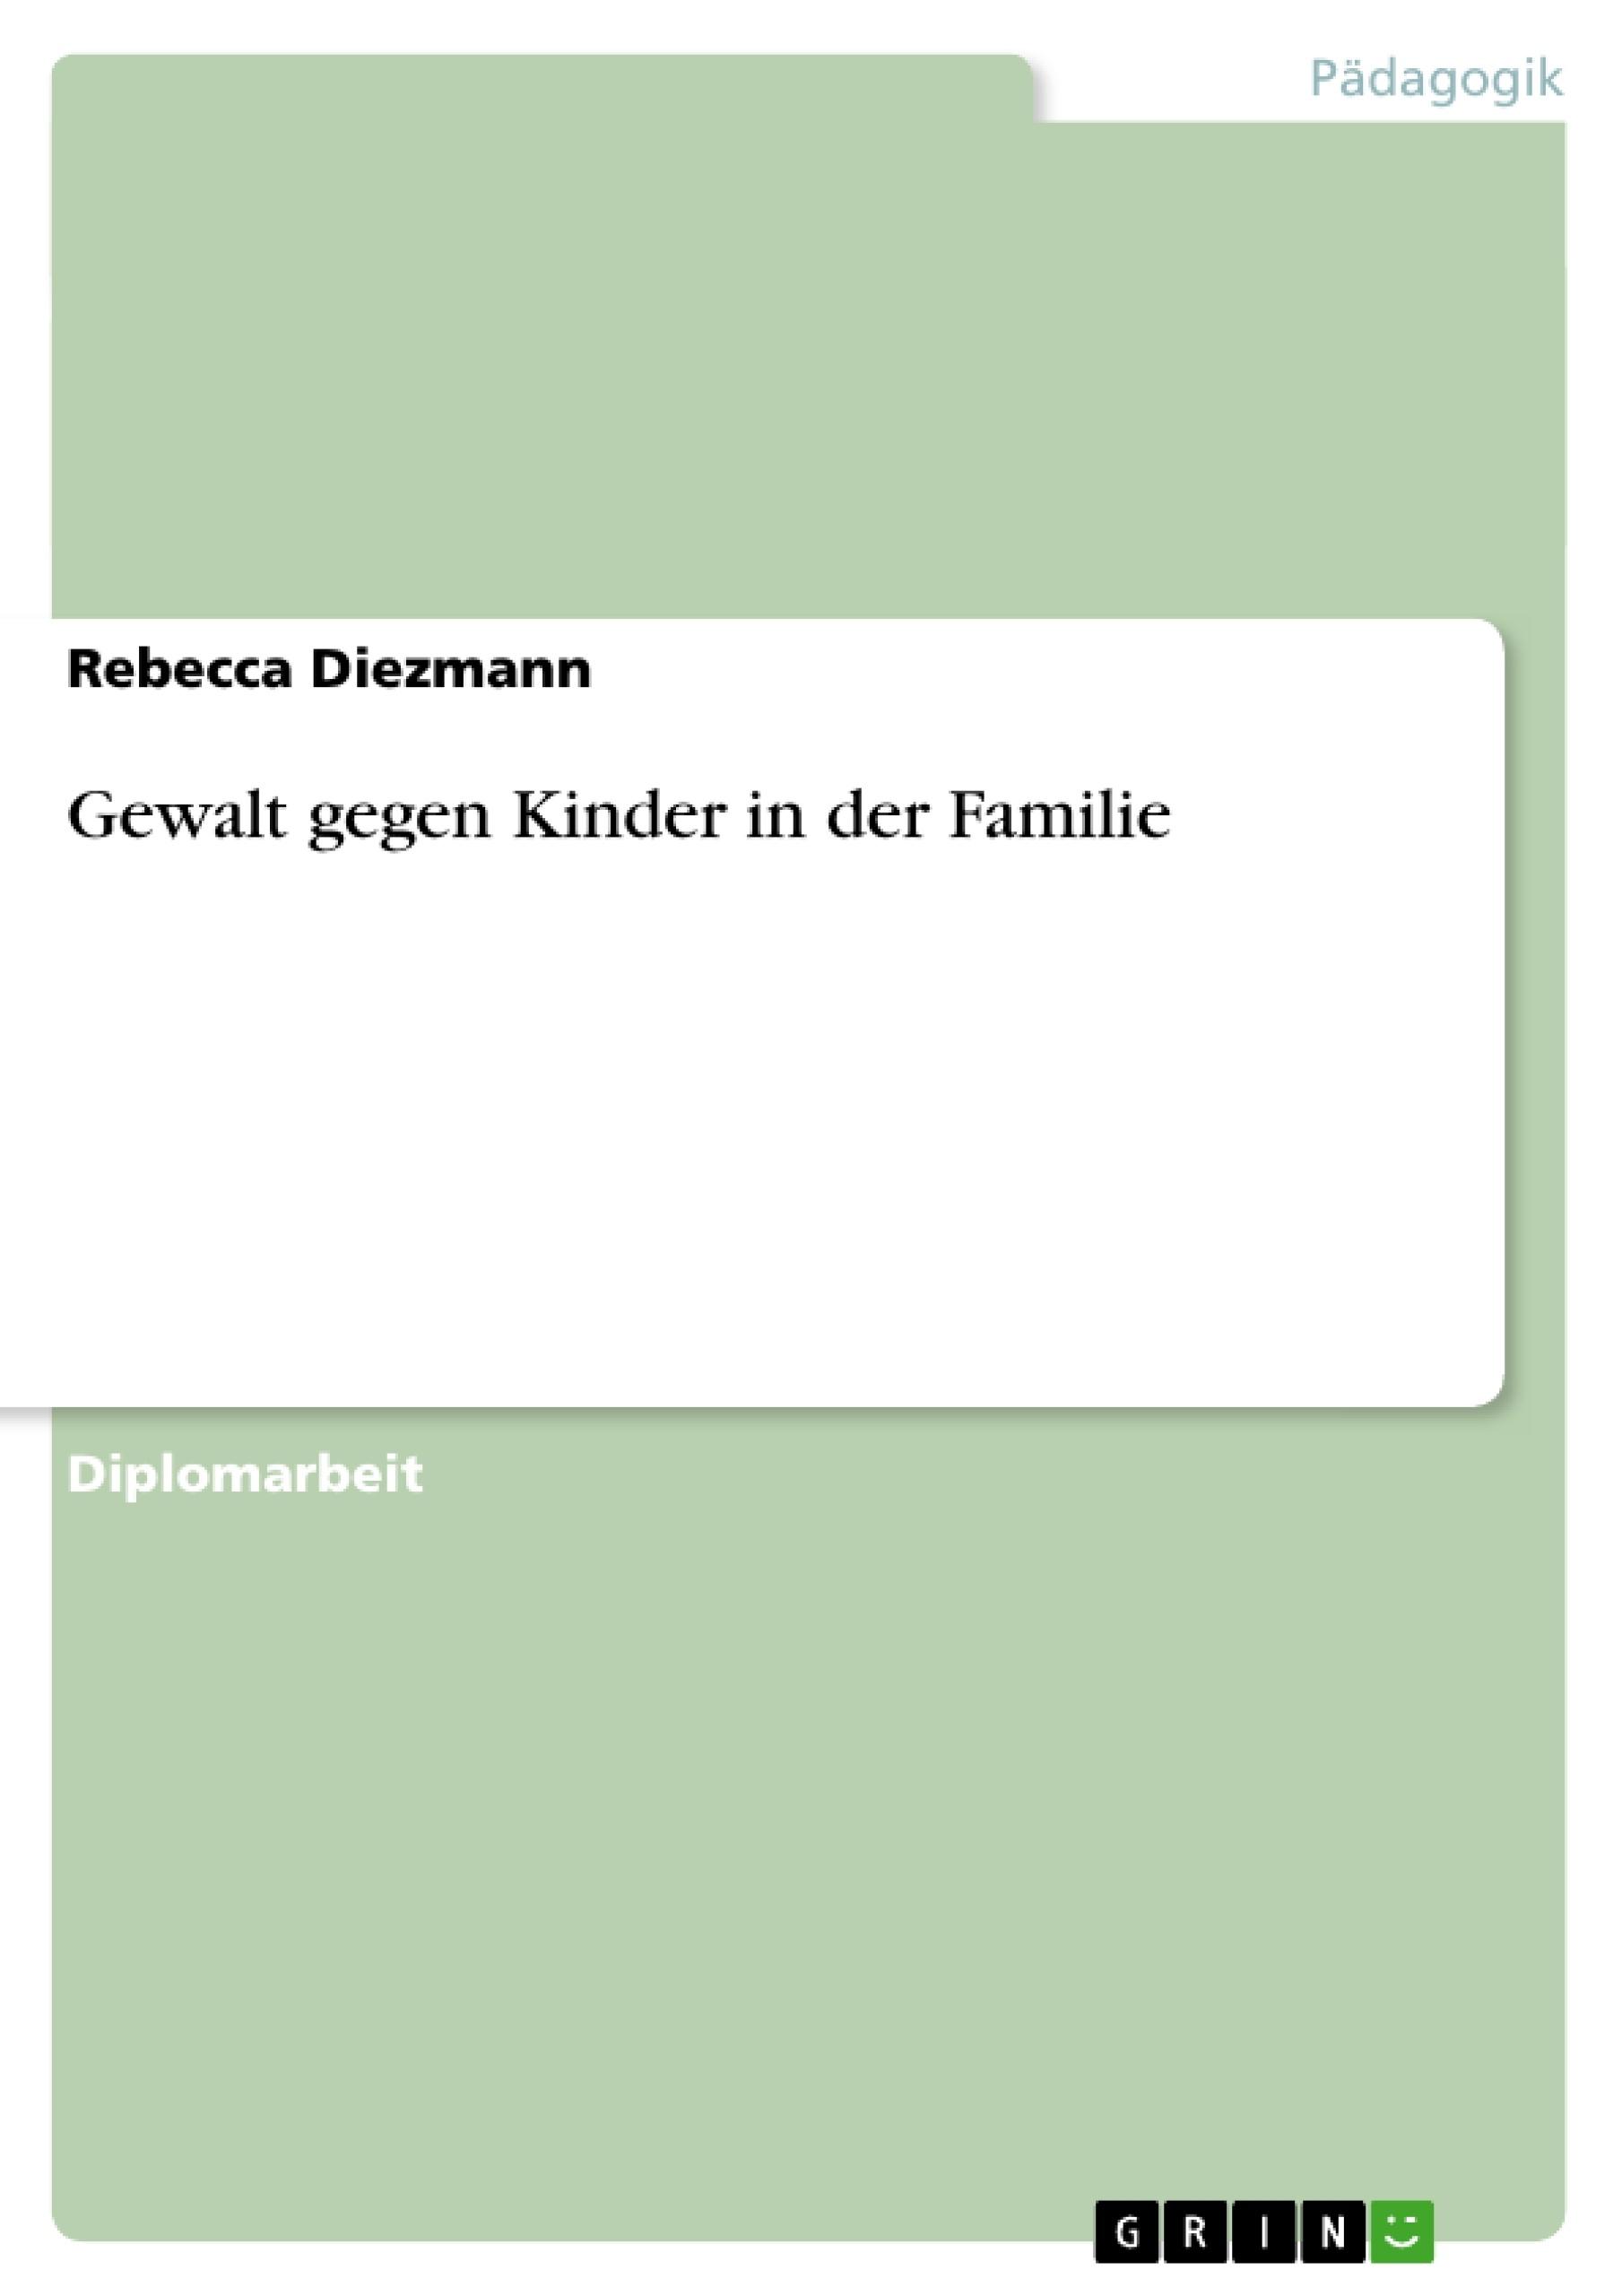 Titel: Gewalt gegen Kinder in der Familie